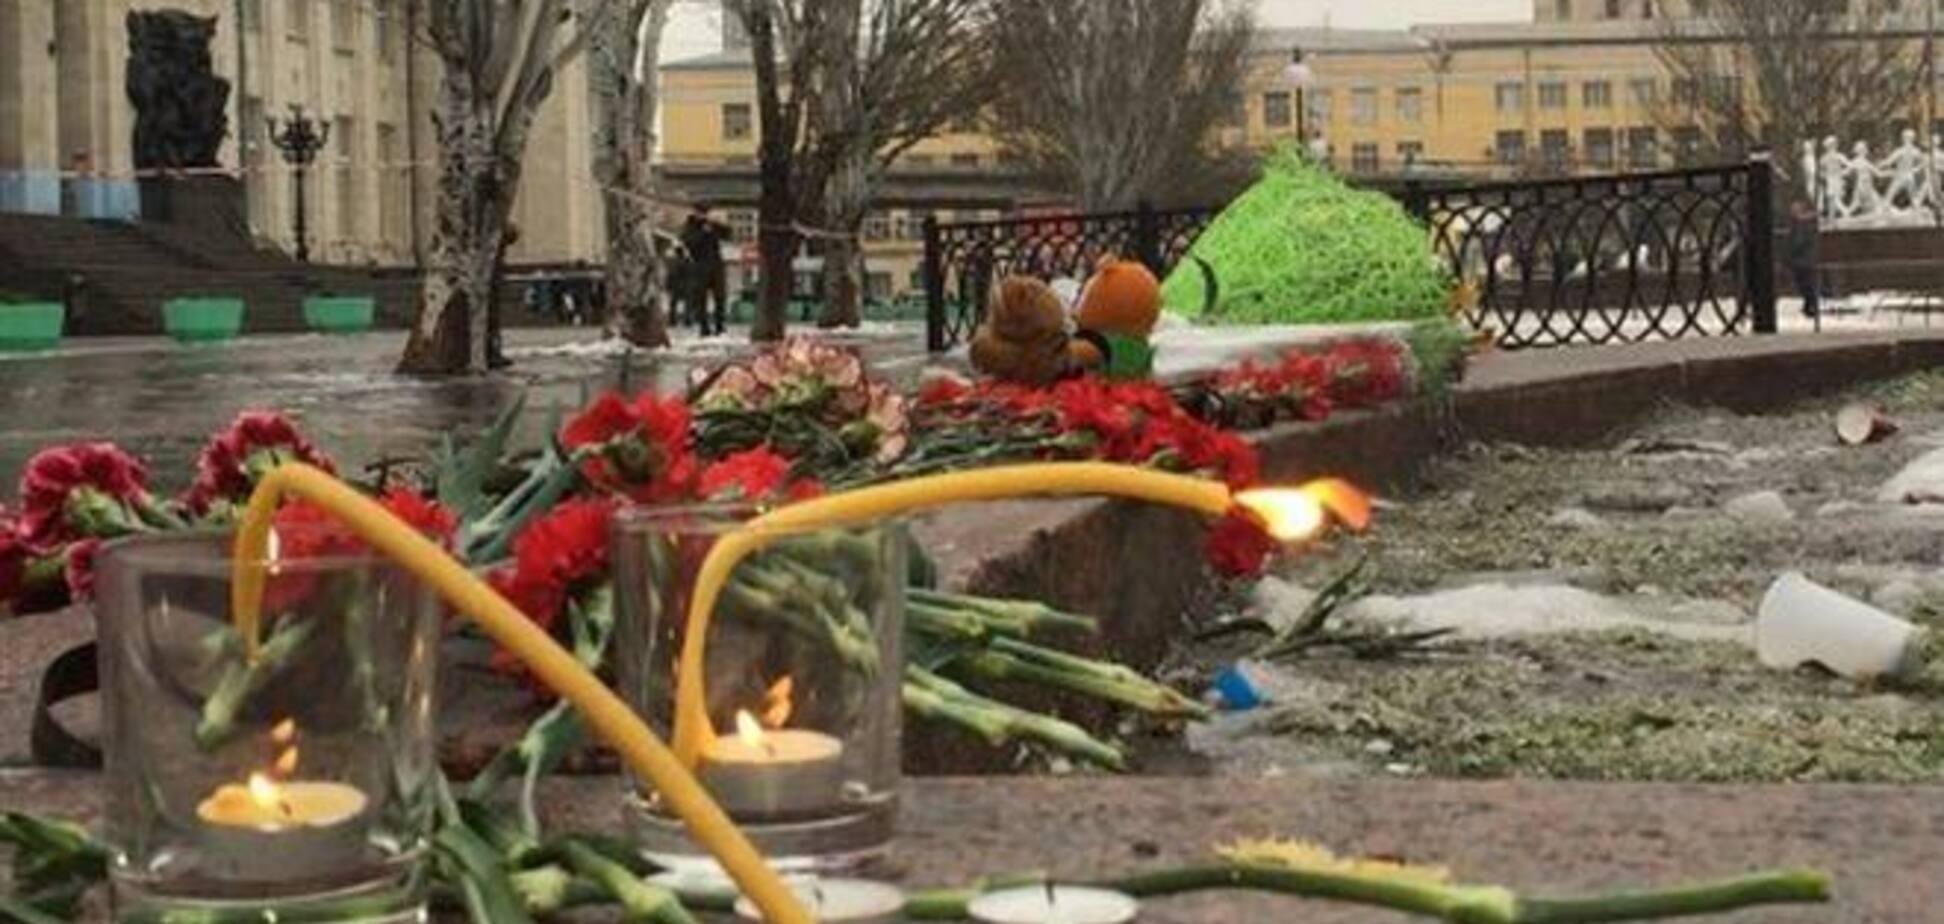 Більше 60 постраждалих у Волгограді продовжують лікування в лікарнях